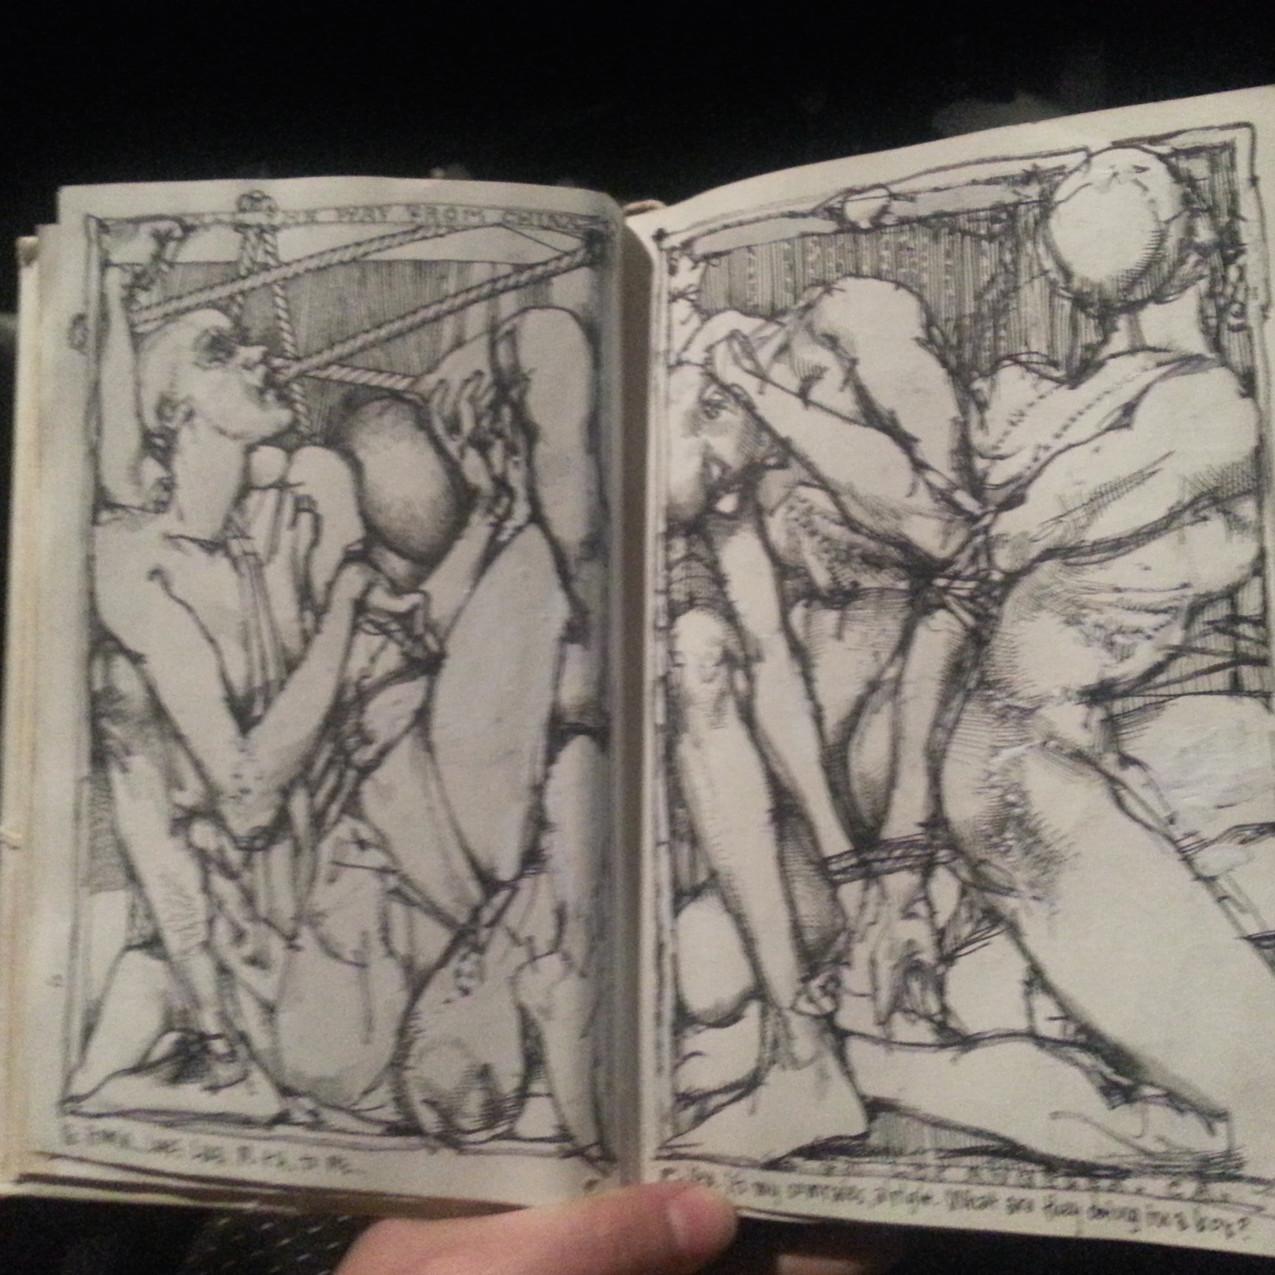 Barron Story Sketchbook